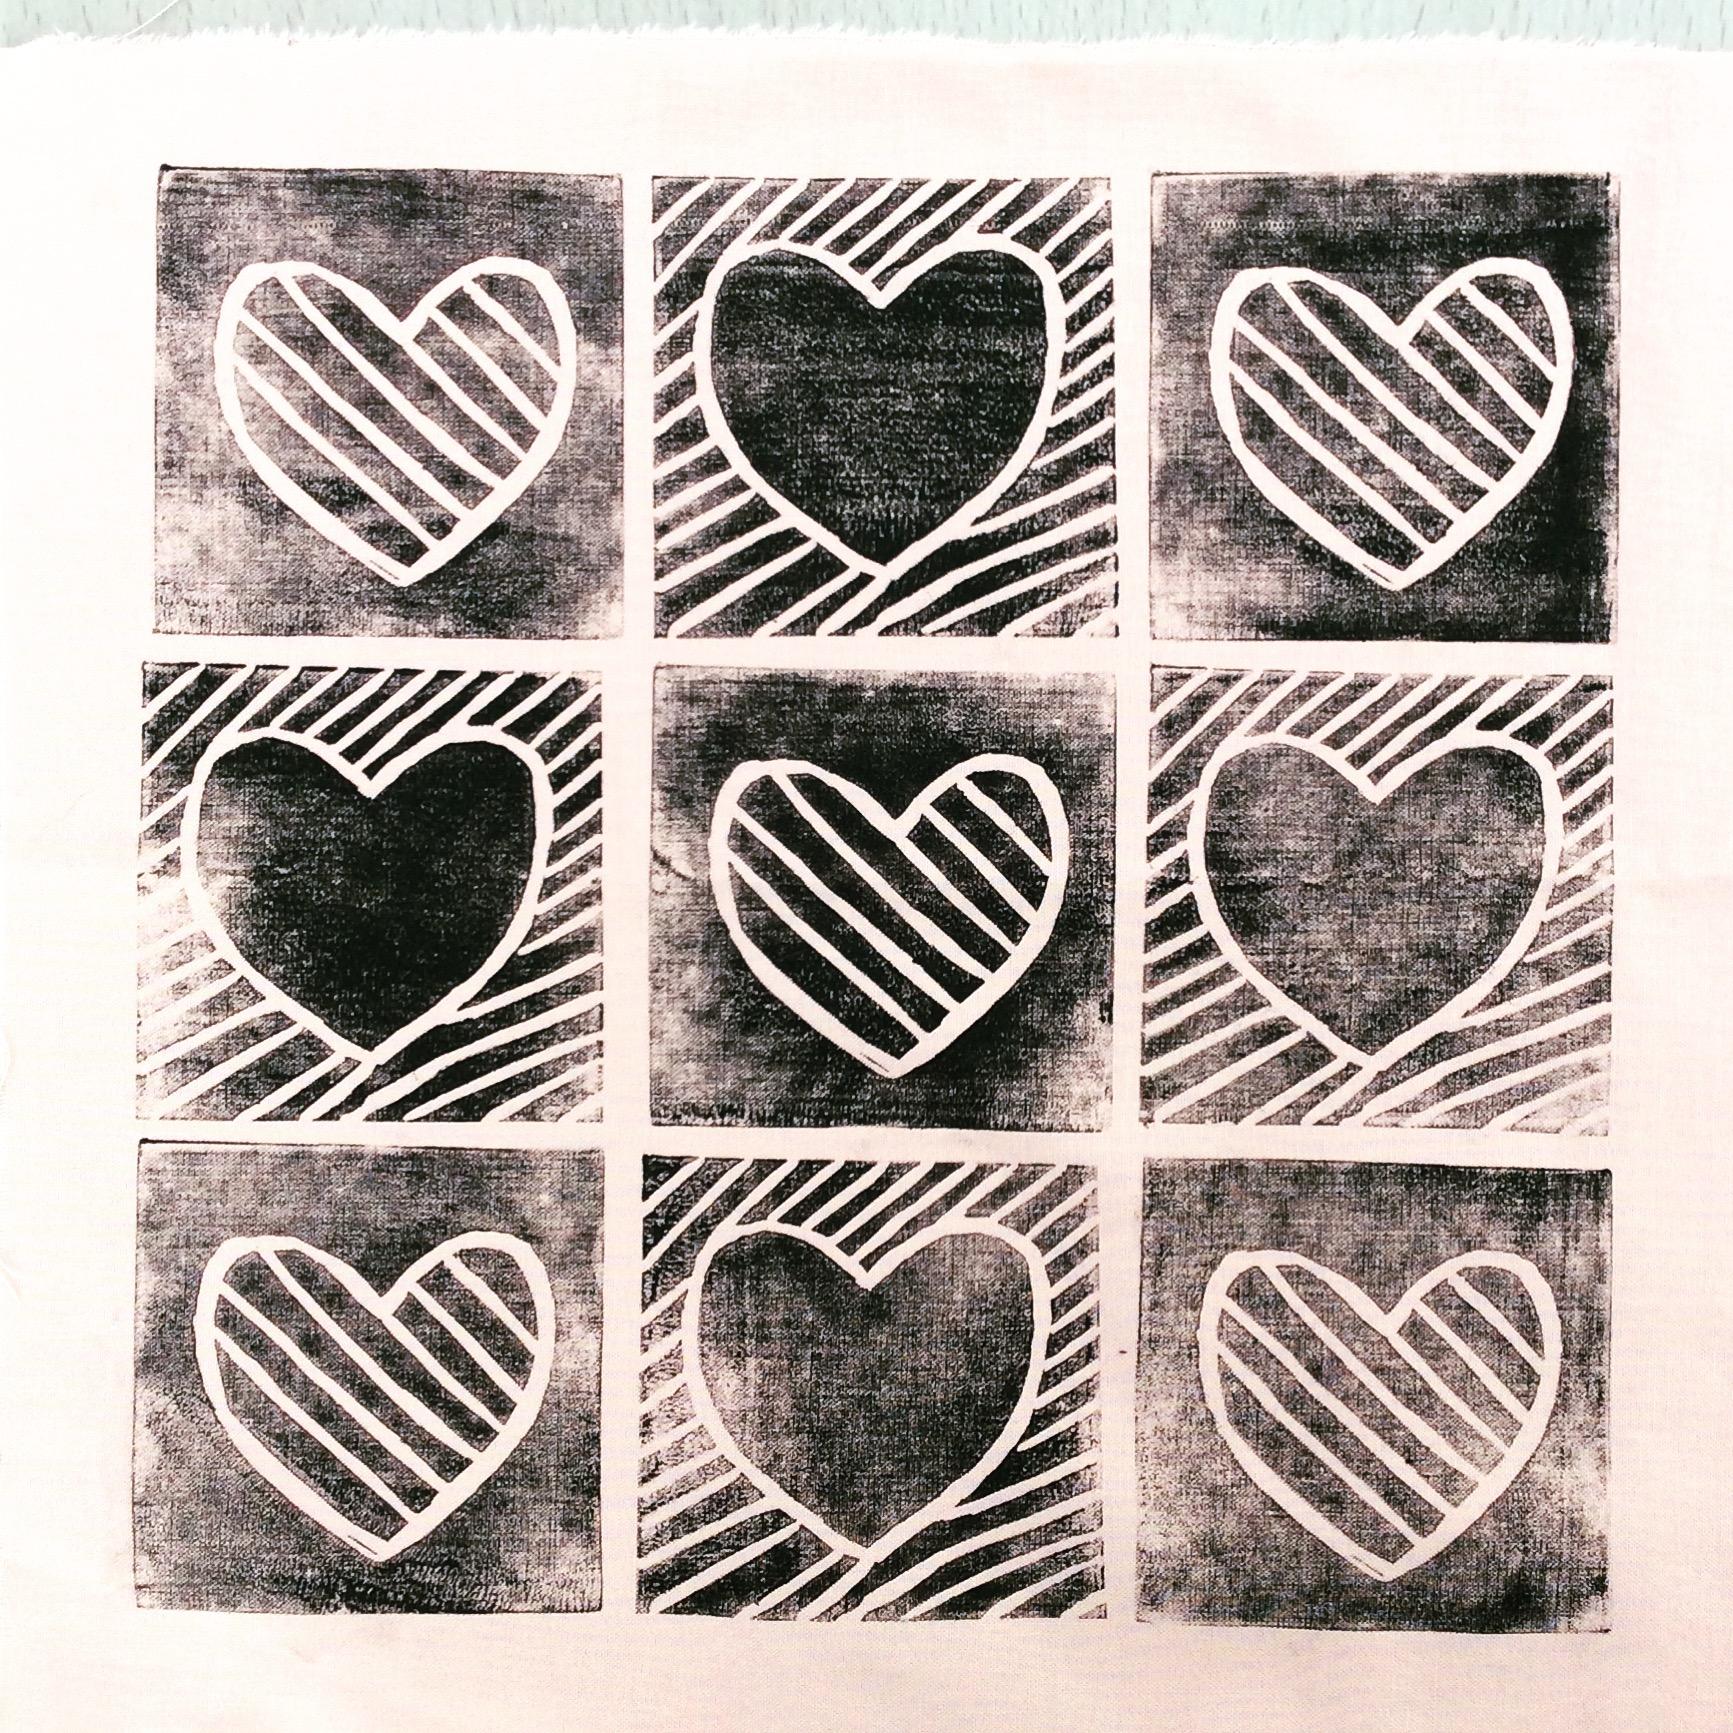 My 'Eighties Hearts' design